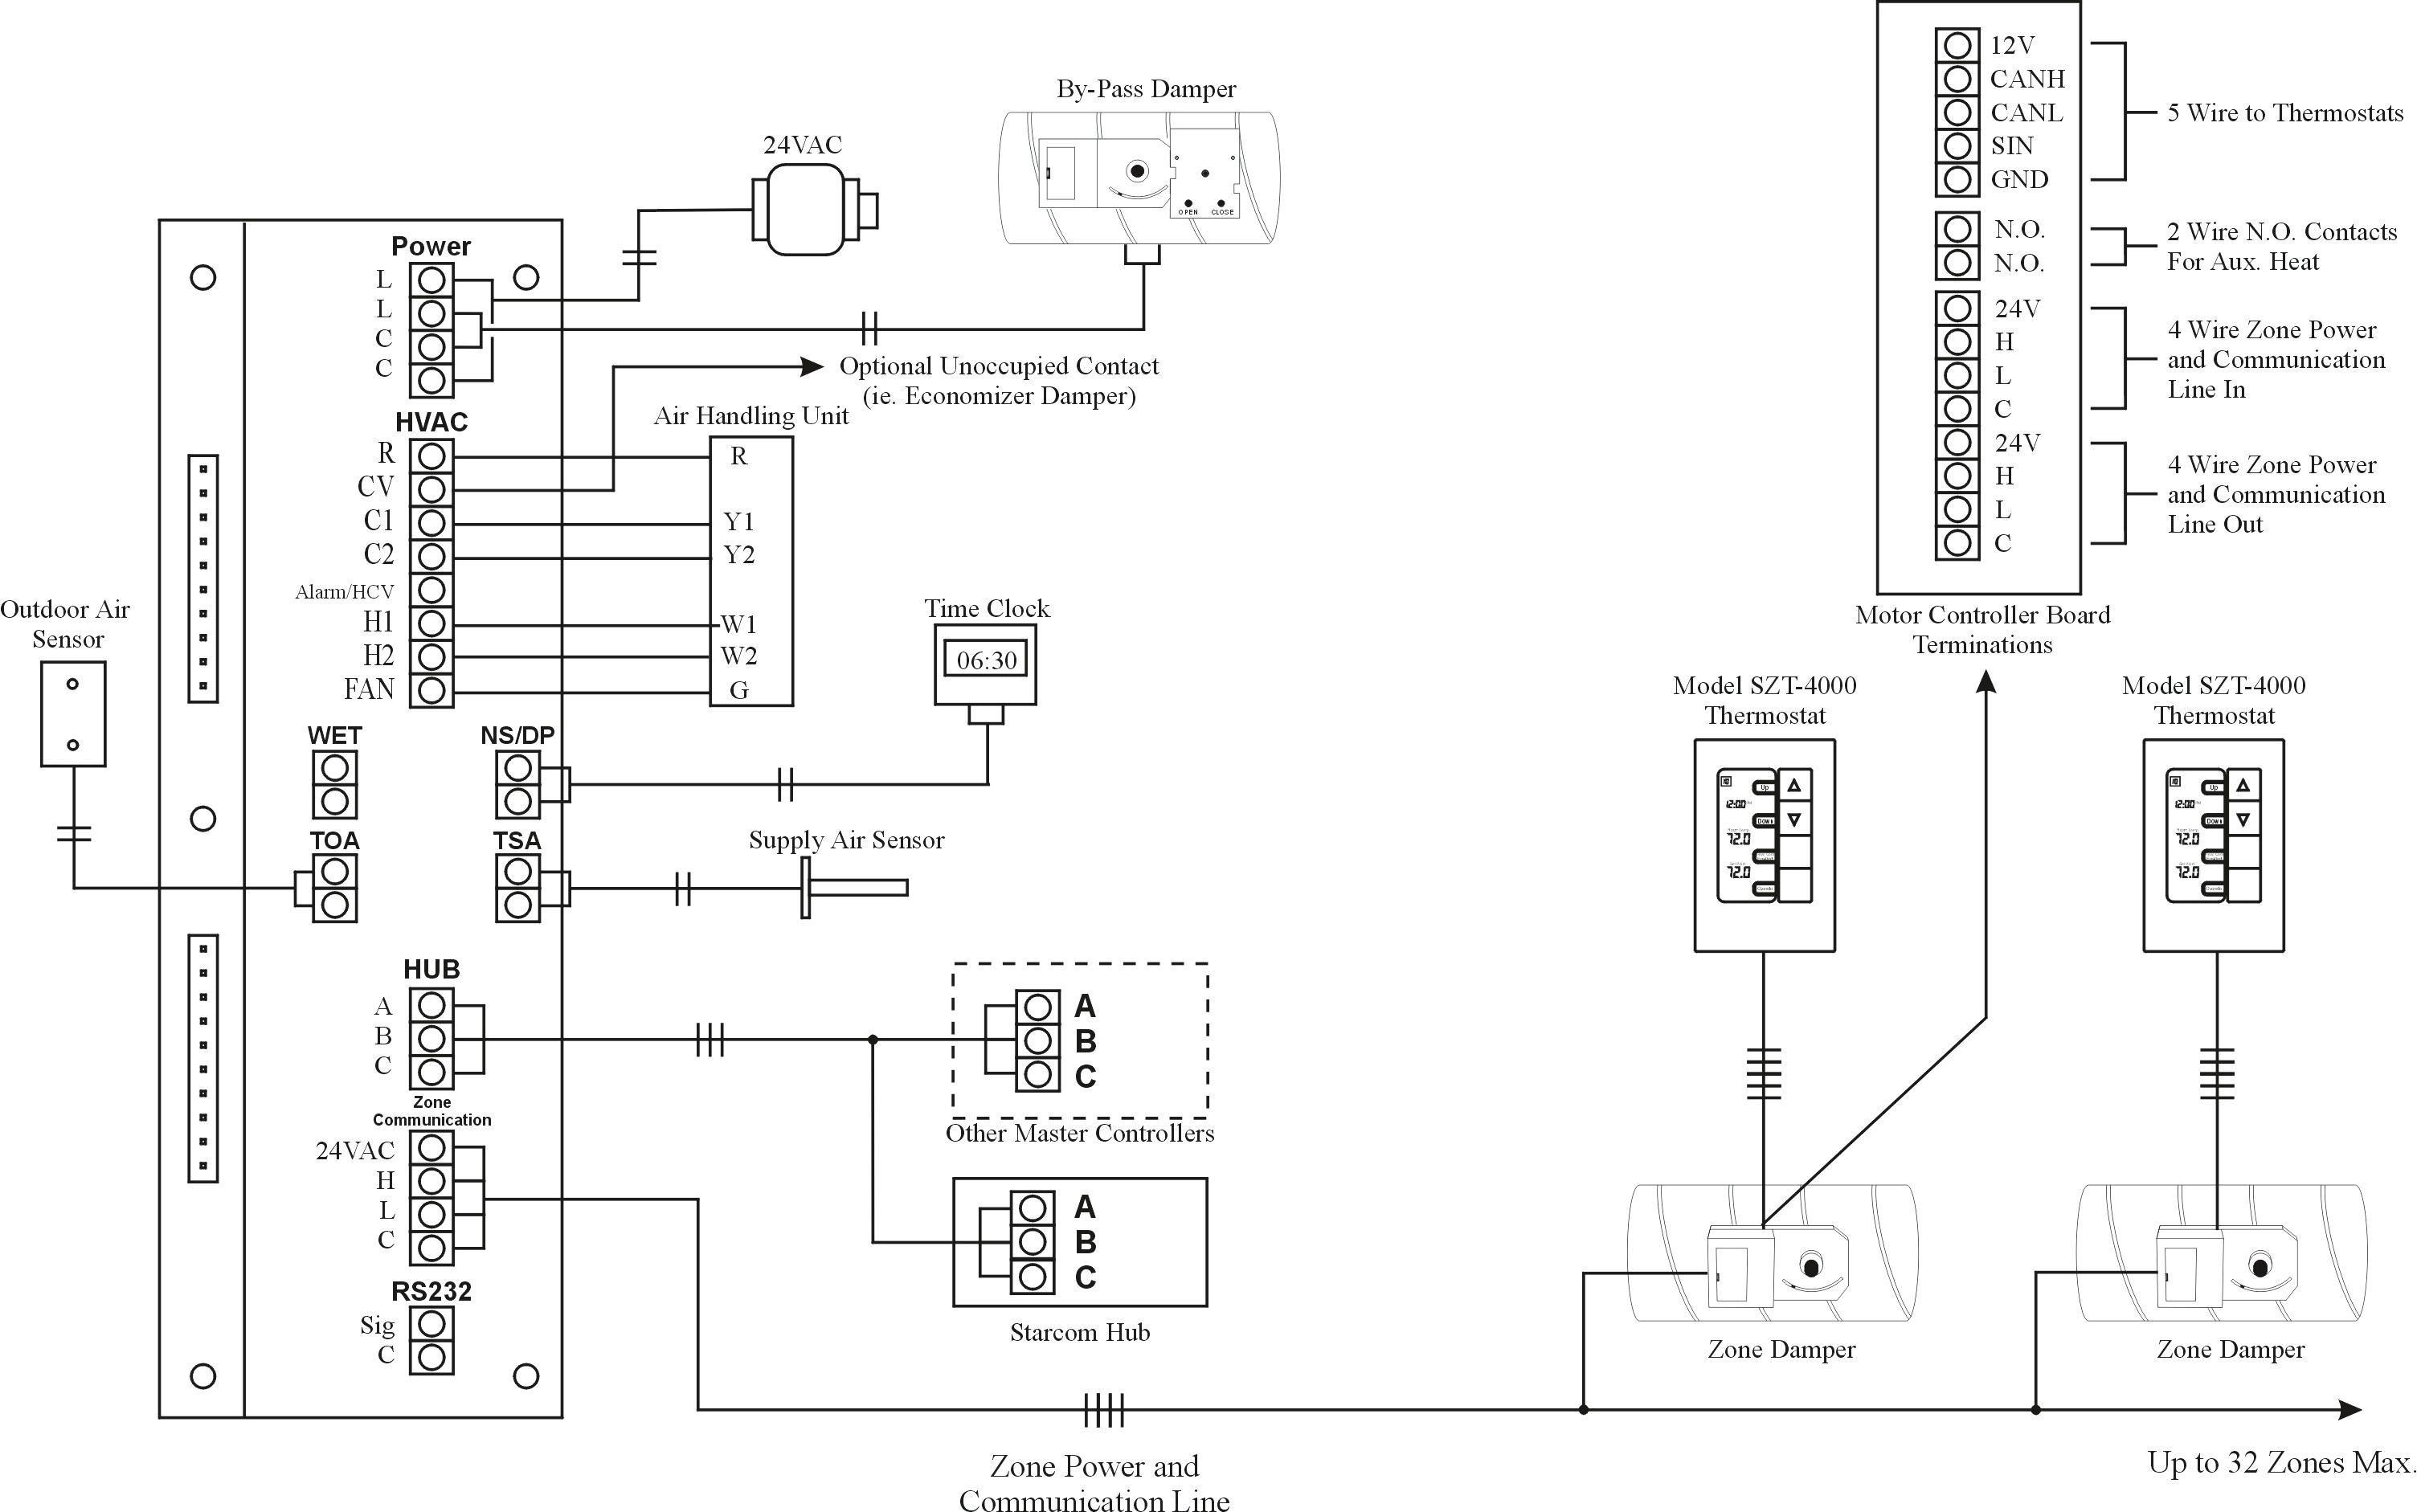 wiring diagram wiring diagram goodman heat pump wiring diagram